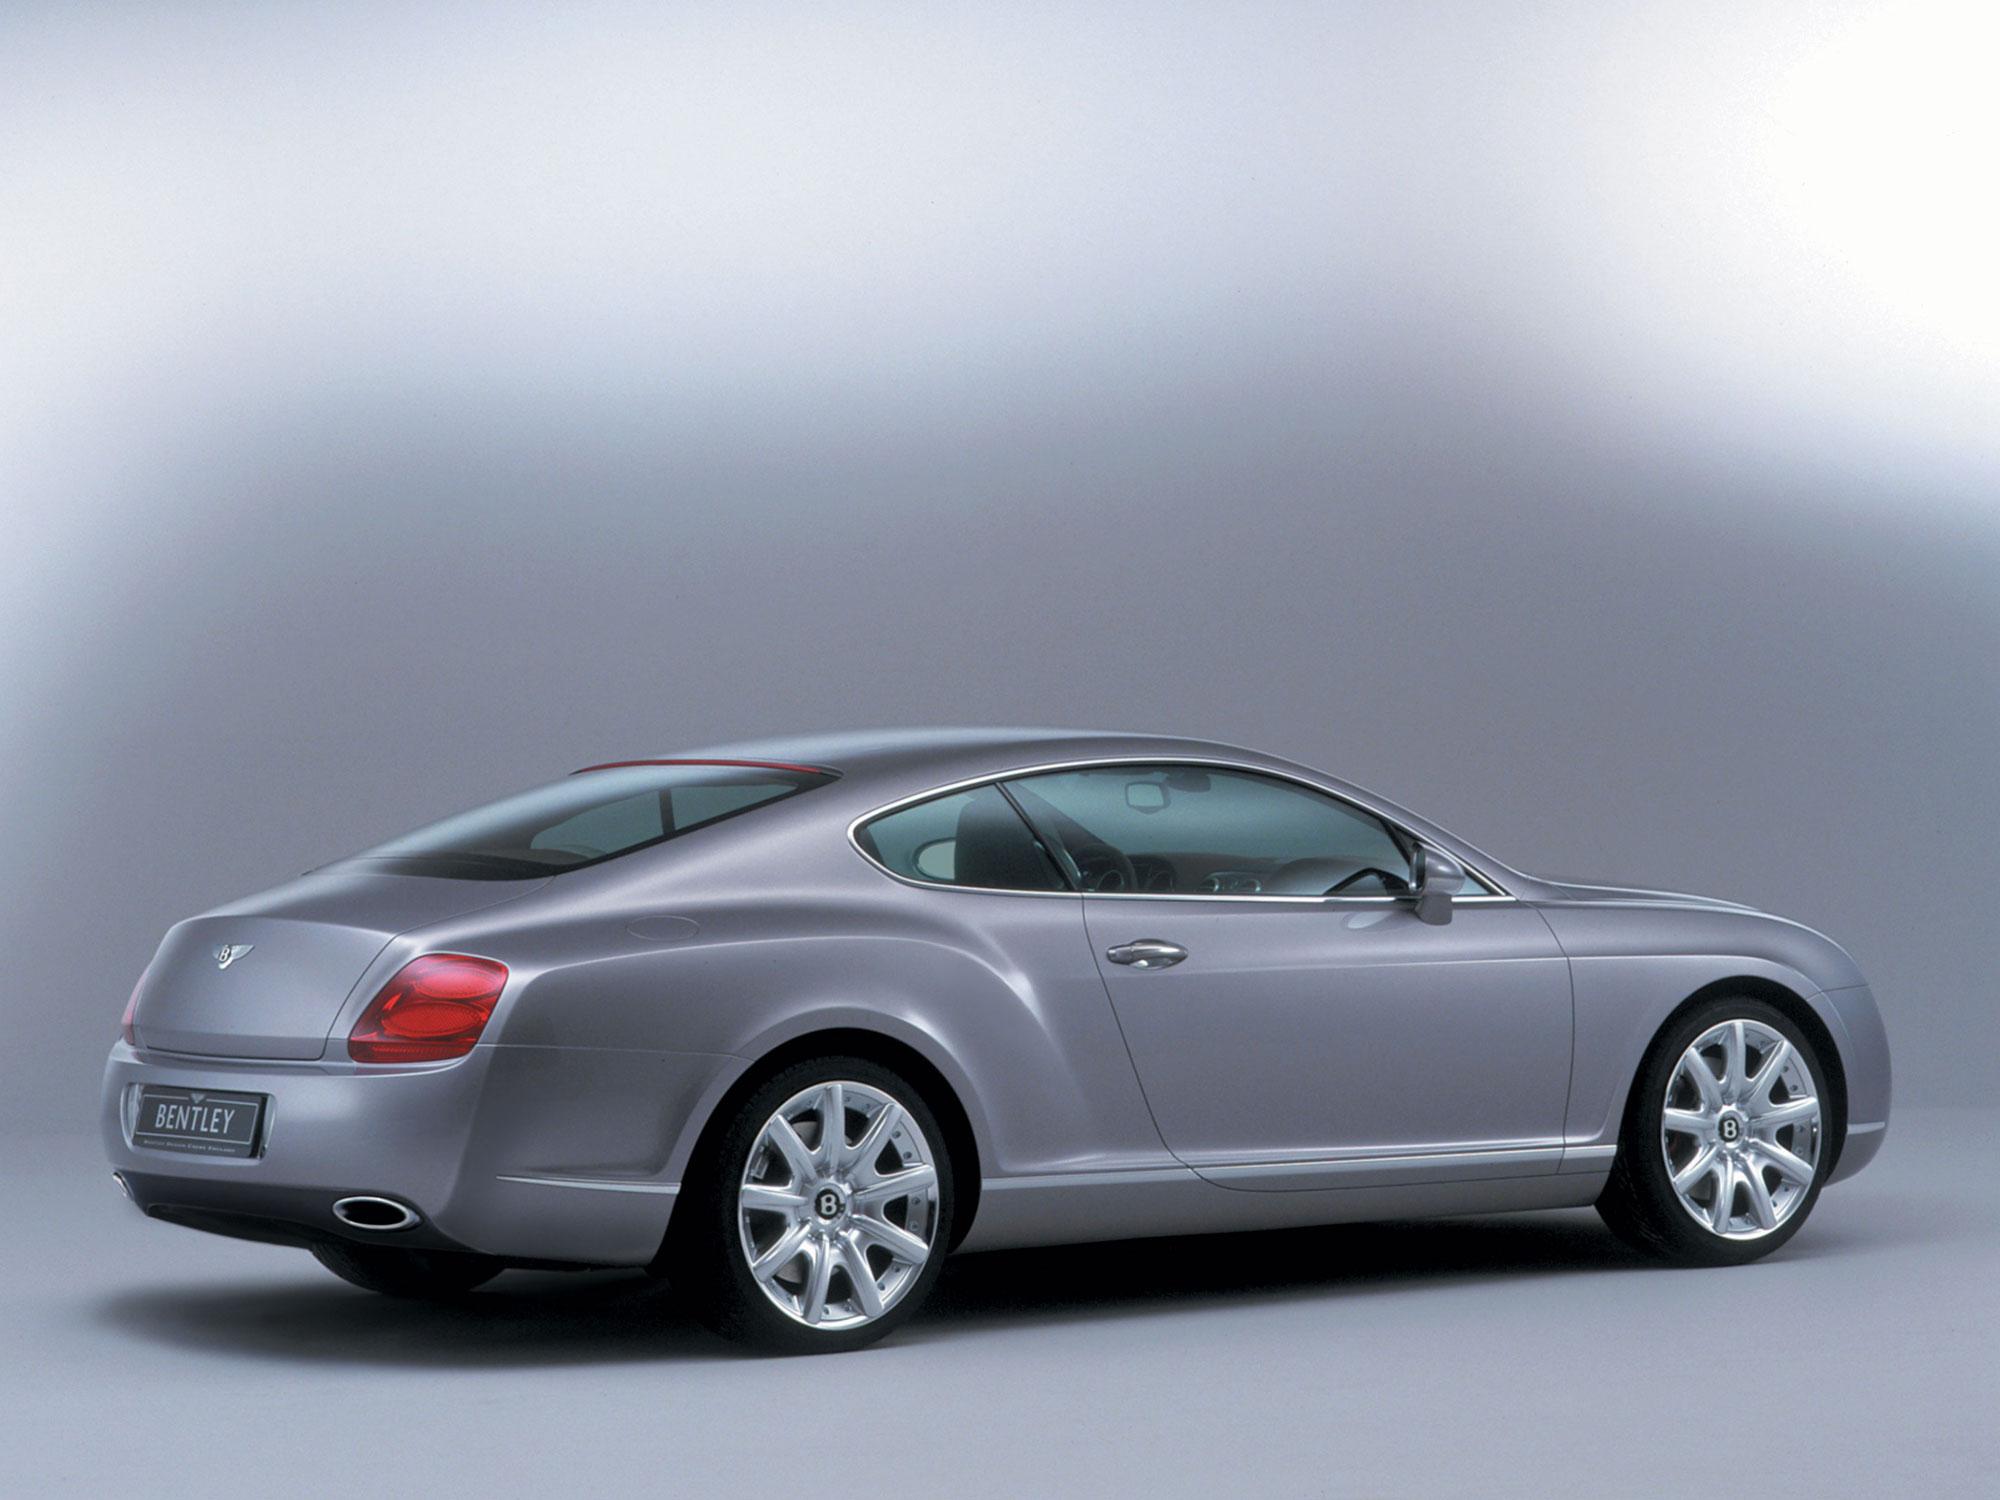 Bentley-Continental-GT-17.jpg